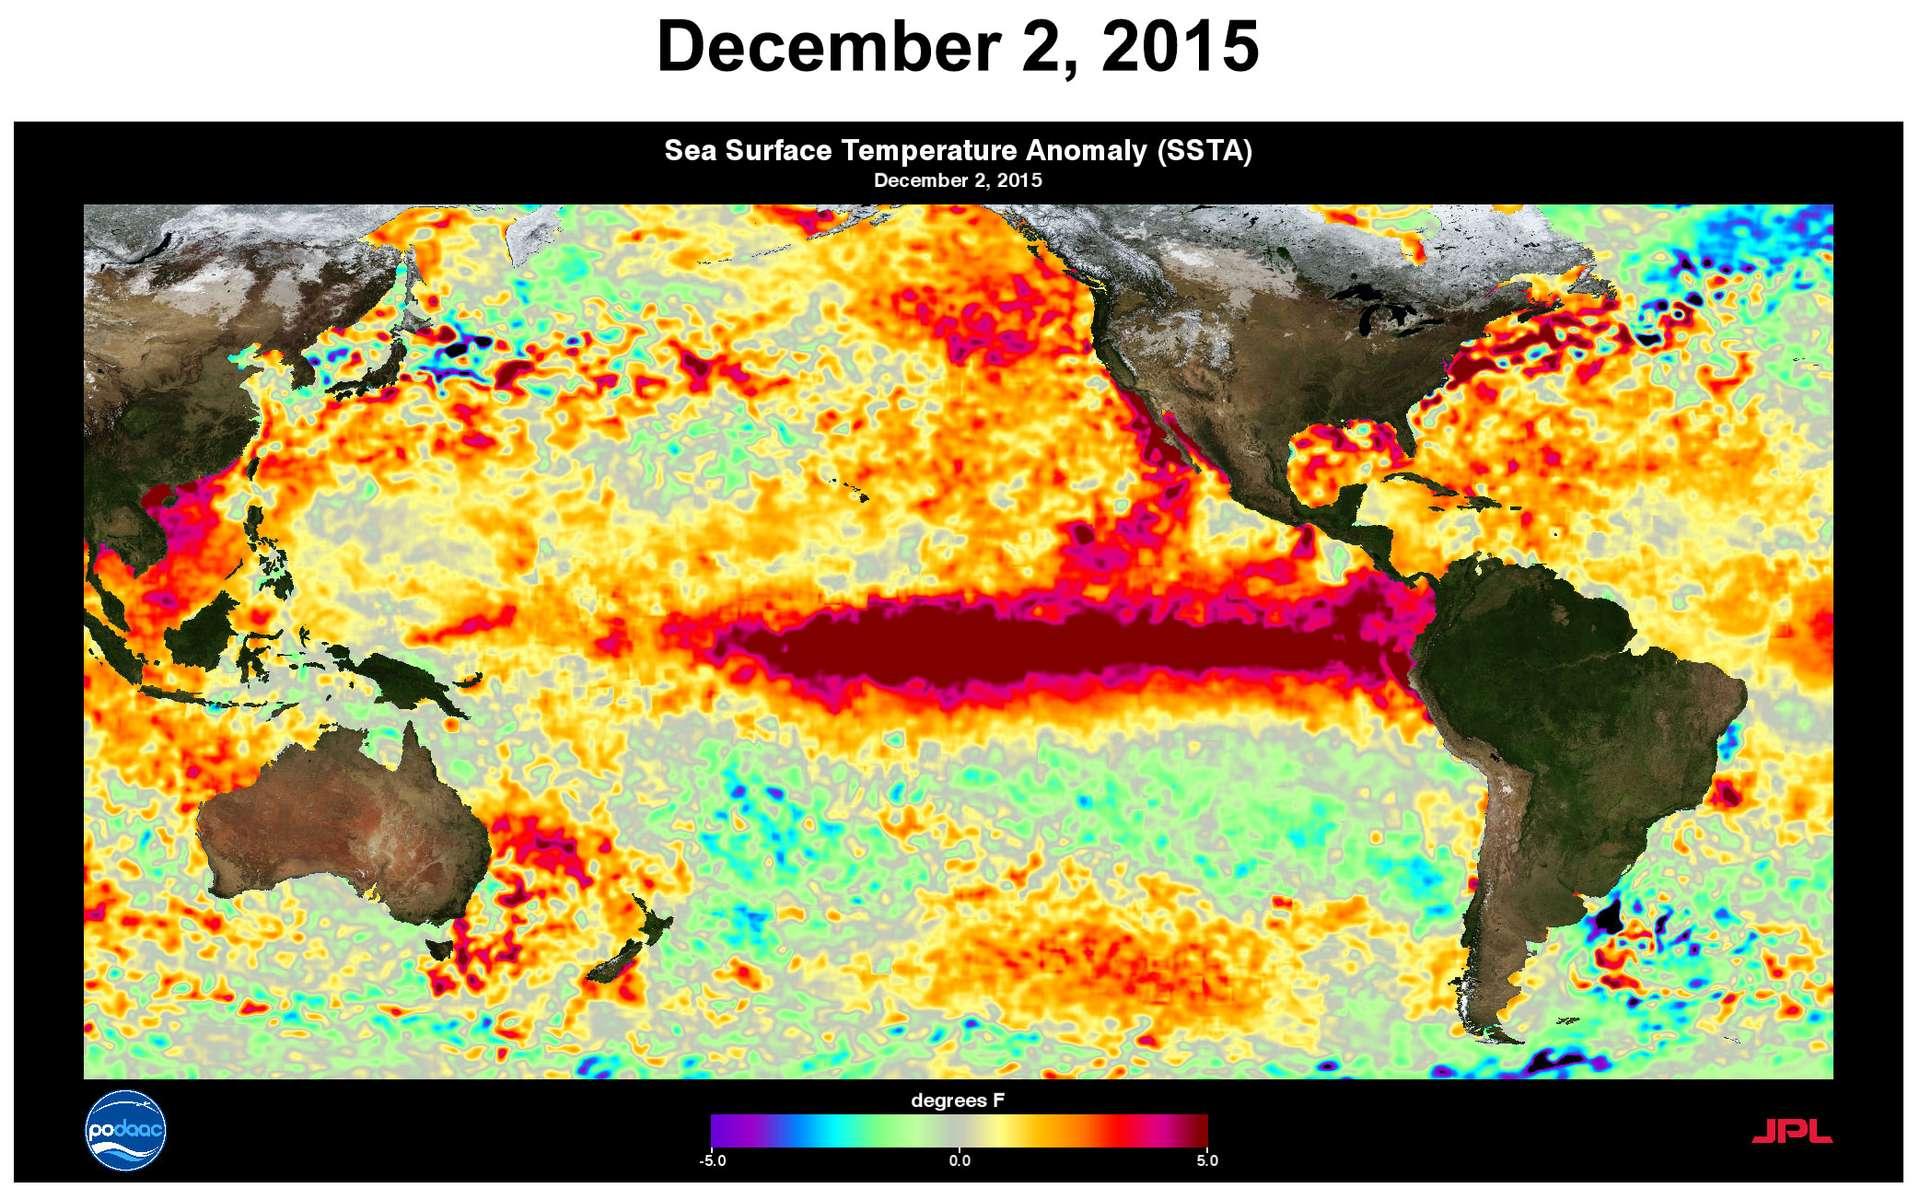 Des anomalies des températures de surface des océans ont été constatées le 2 décembre 2015. Le phénomène El Niño est ici bien visible, sur la ceinture équatoriale de l'océan Pacifique. © Nasa, JPL, PODAAC, NOAA